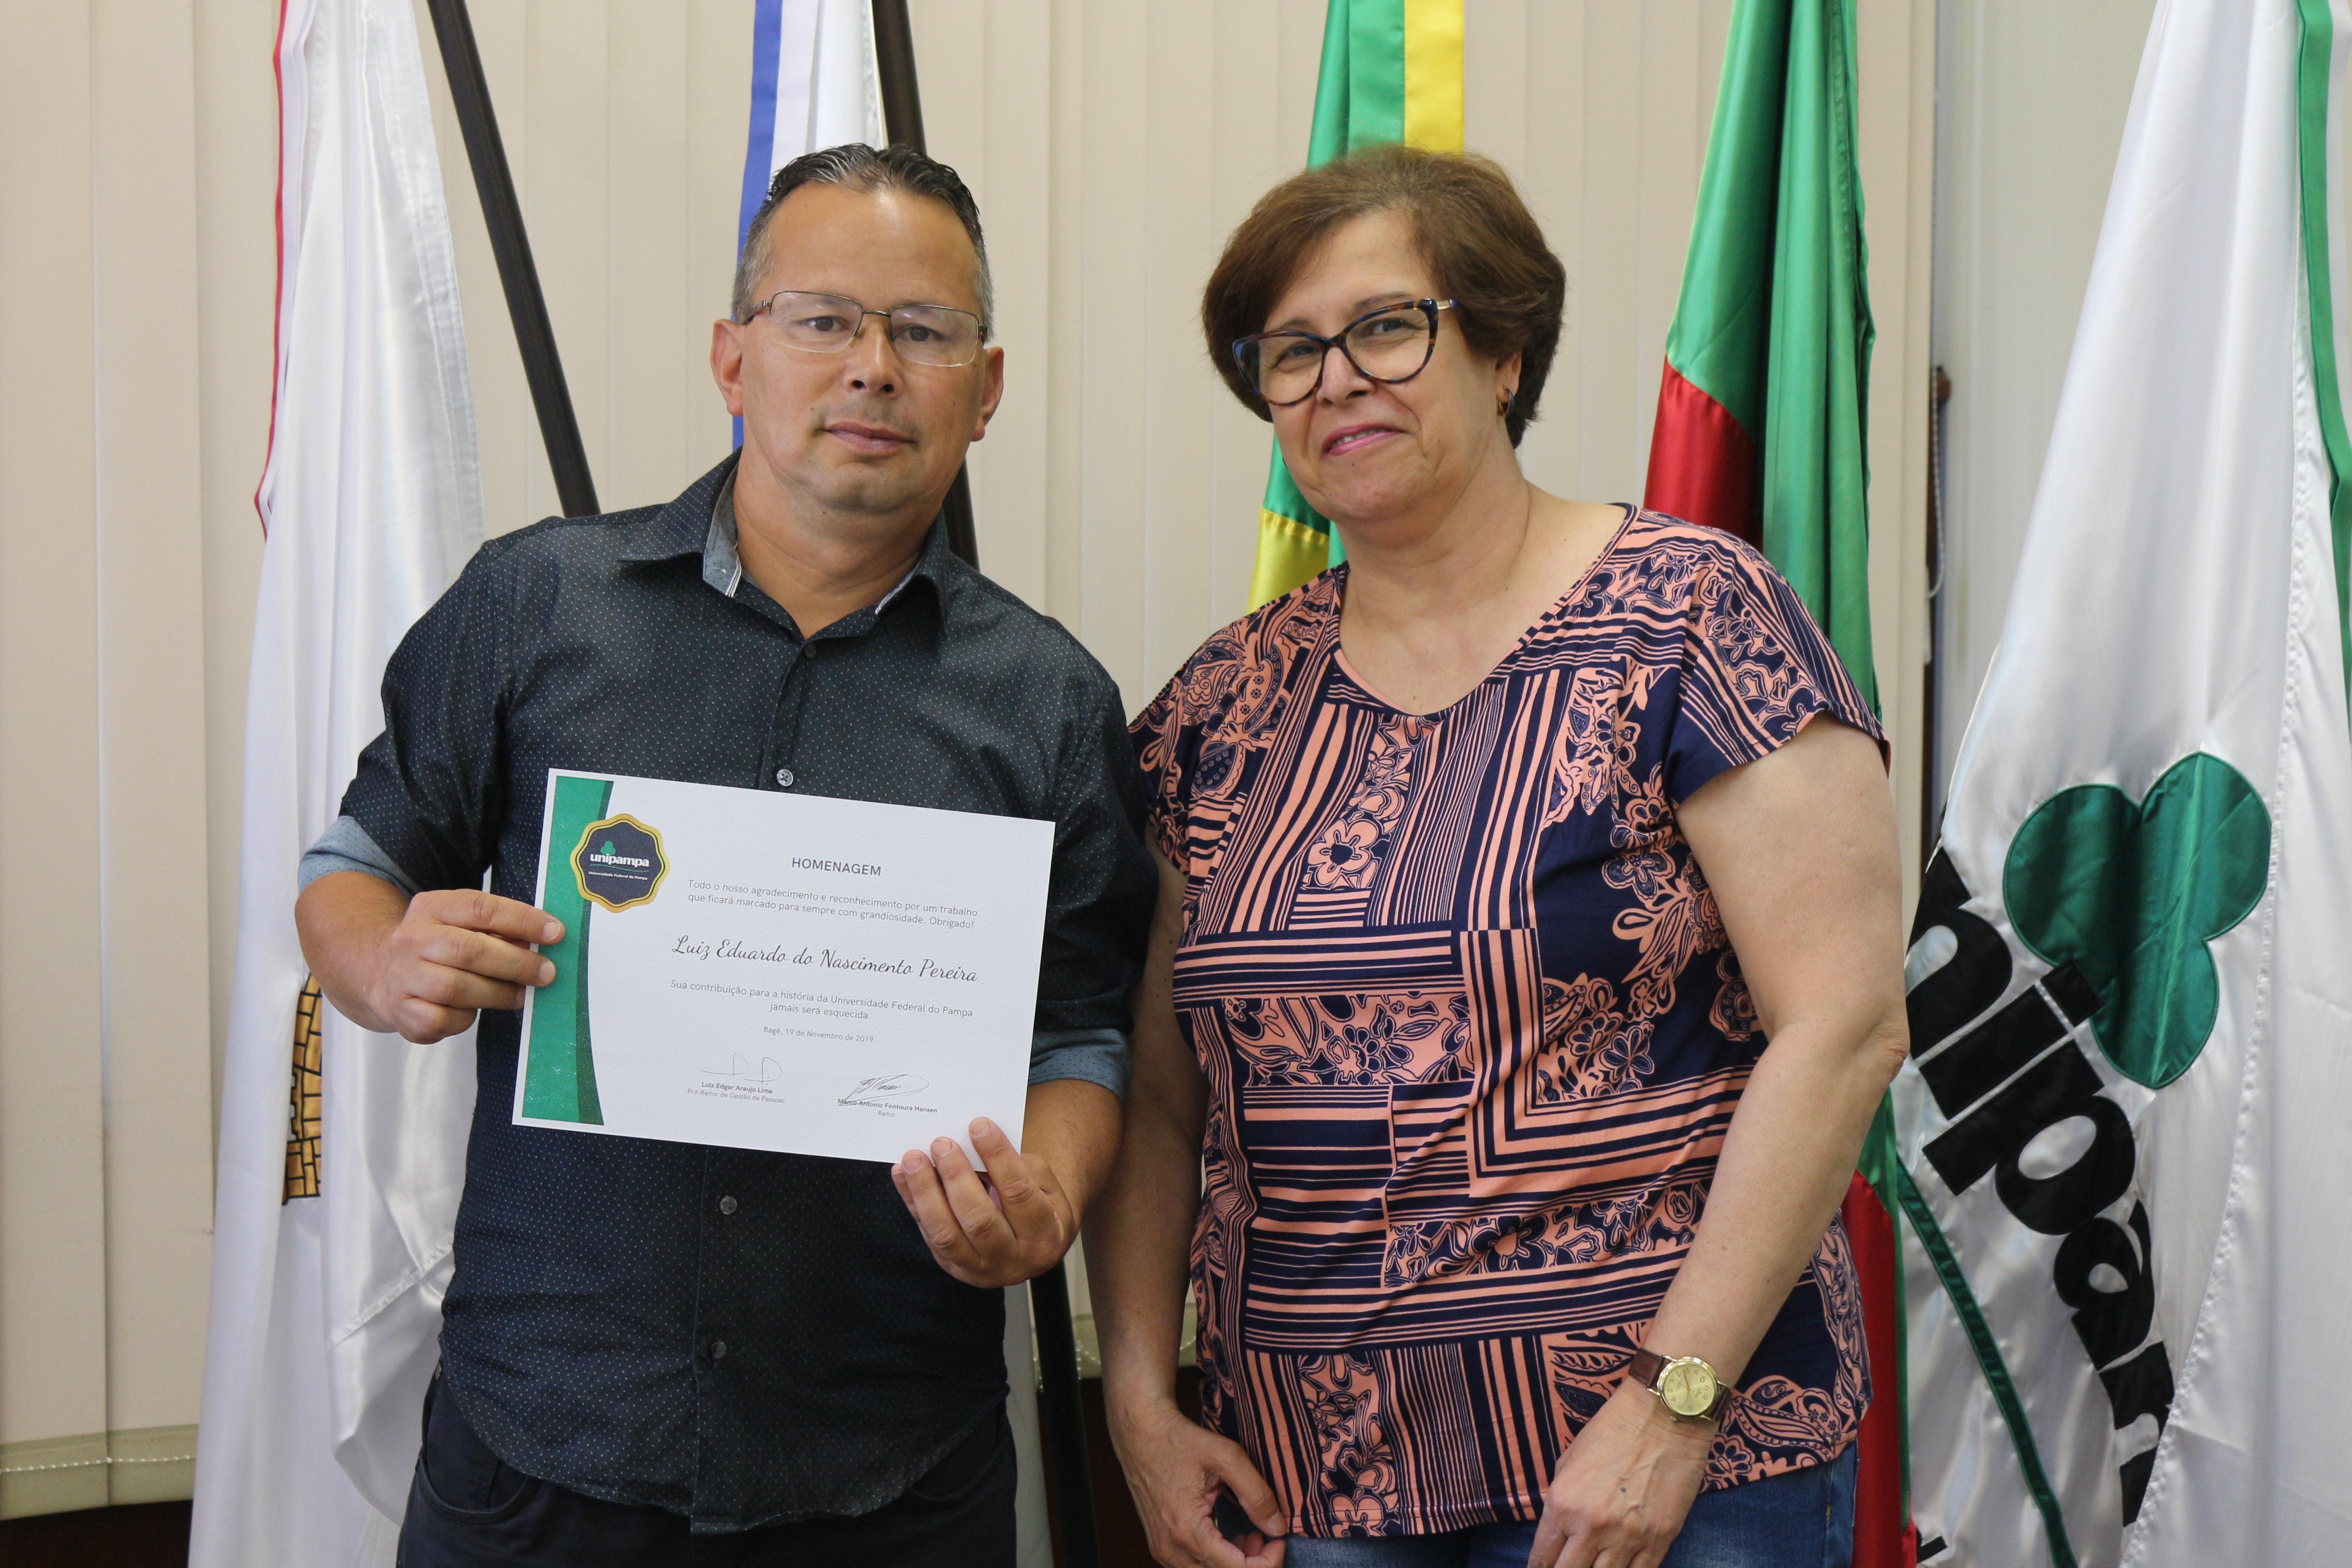 Servidores e funcionários terceirizados da Reitoria recebem homenagem. Fotos: Tamíris Centeno